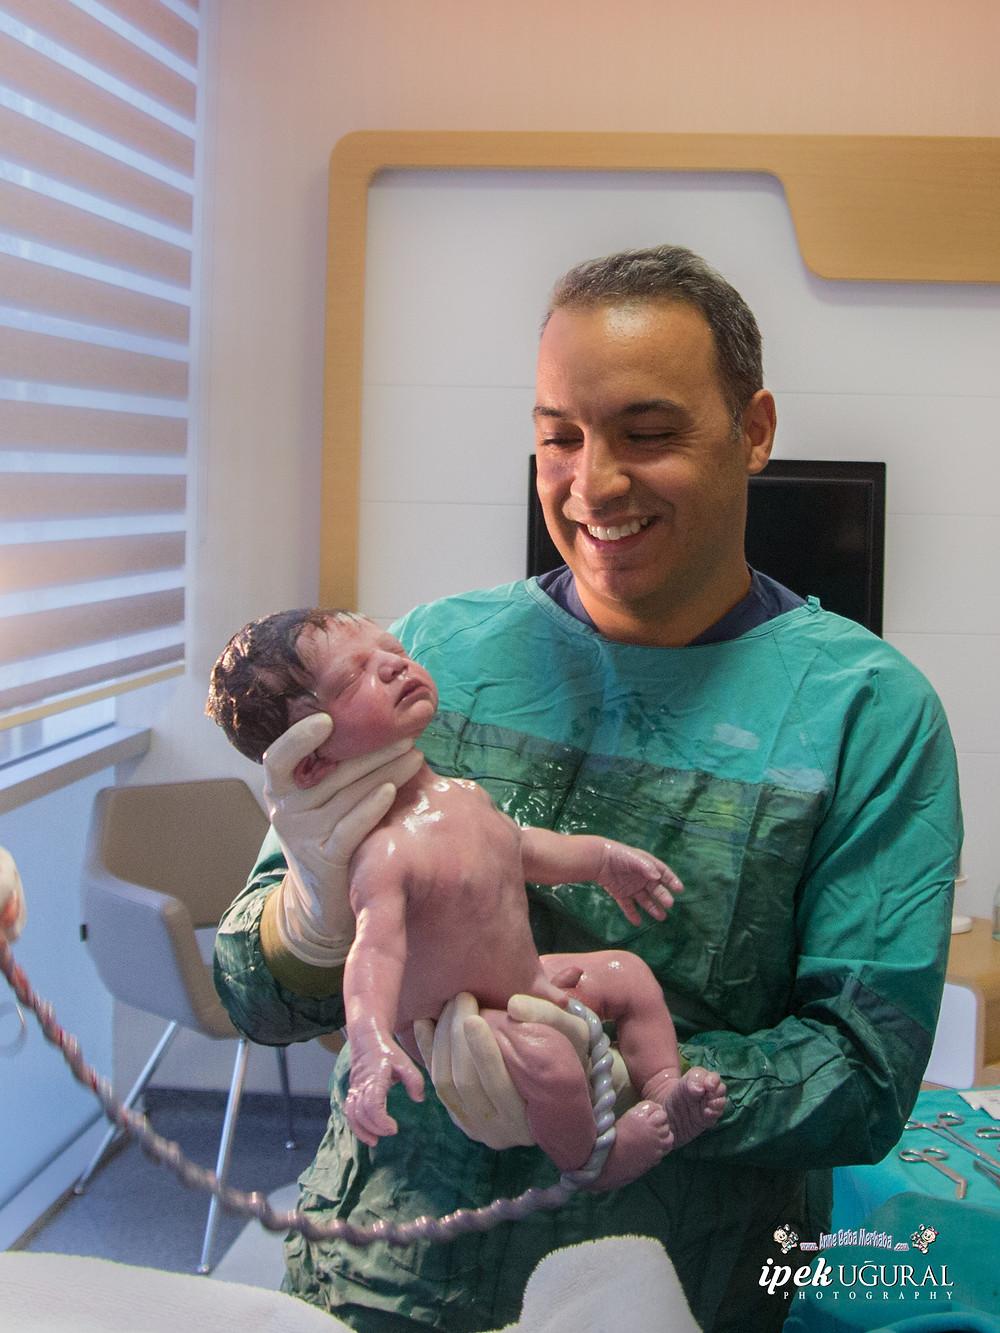 Yrd. Doç. Dr. Mehmet Fırat MUTLU | Kadın Hastalıkları ve Doğum Uzmanı